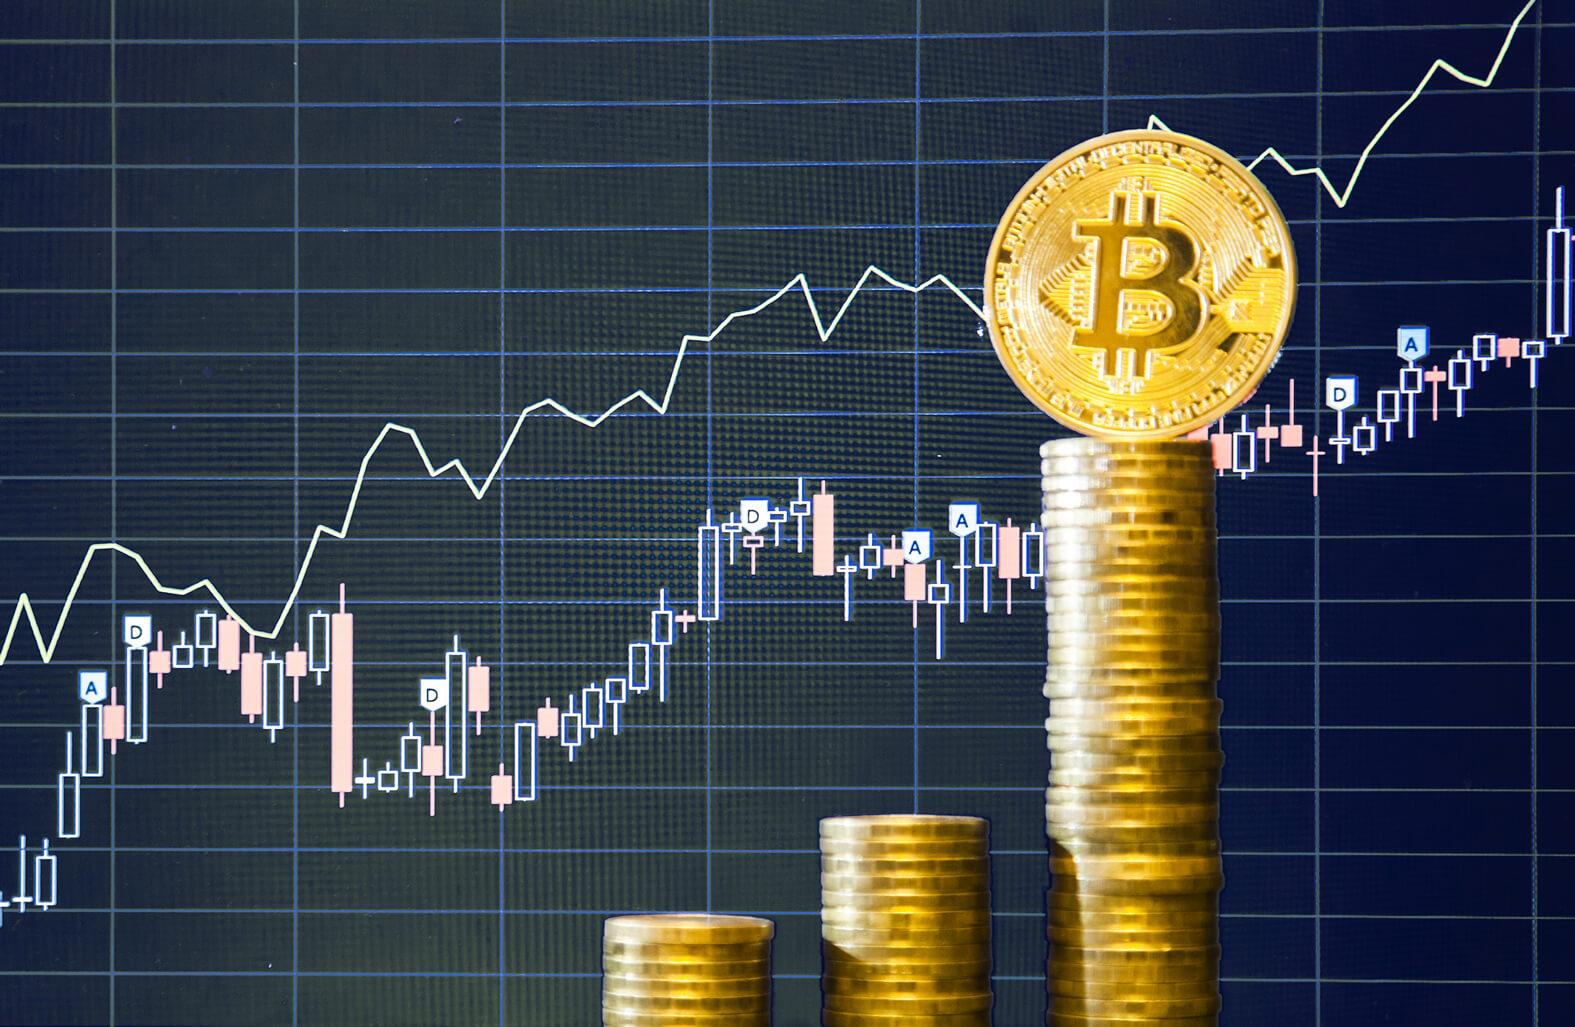 ビットコインの市場価値は更に上がる